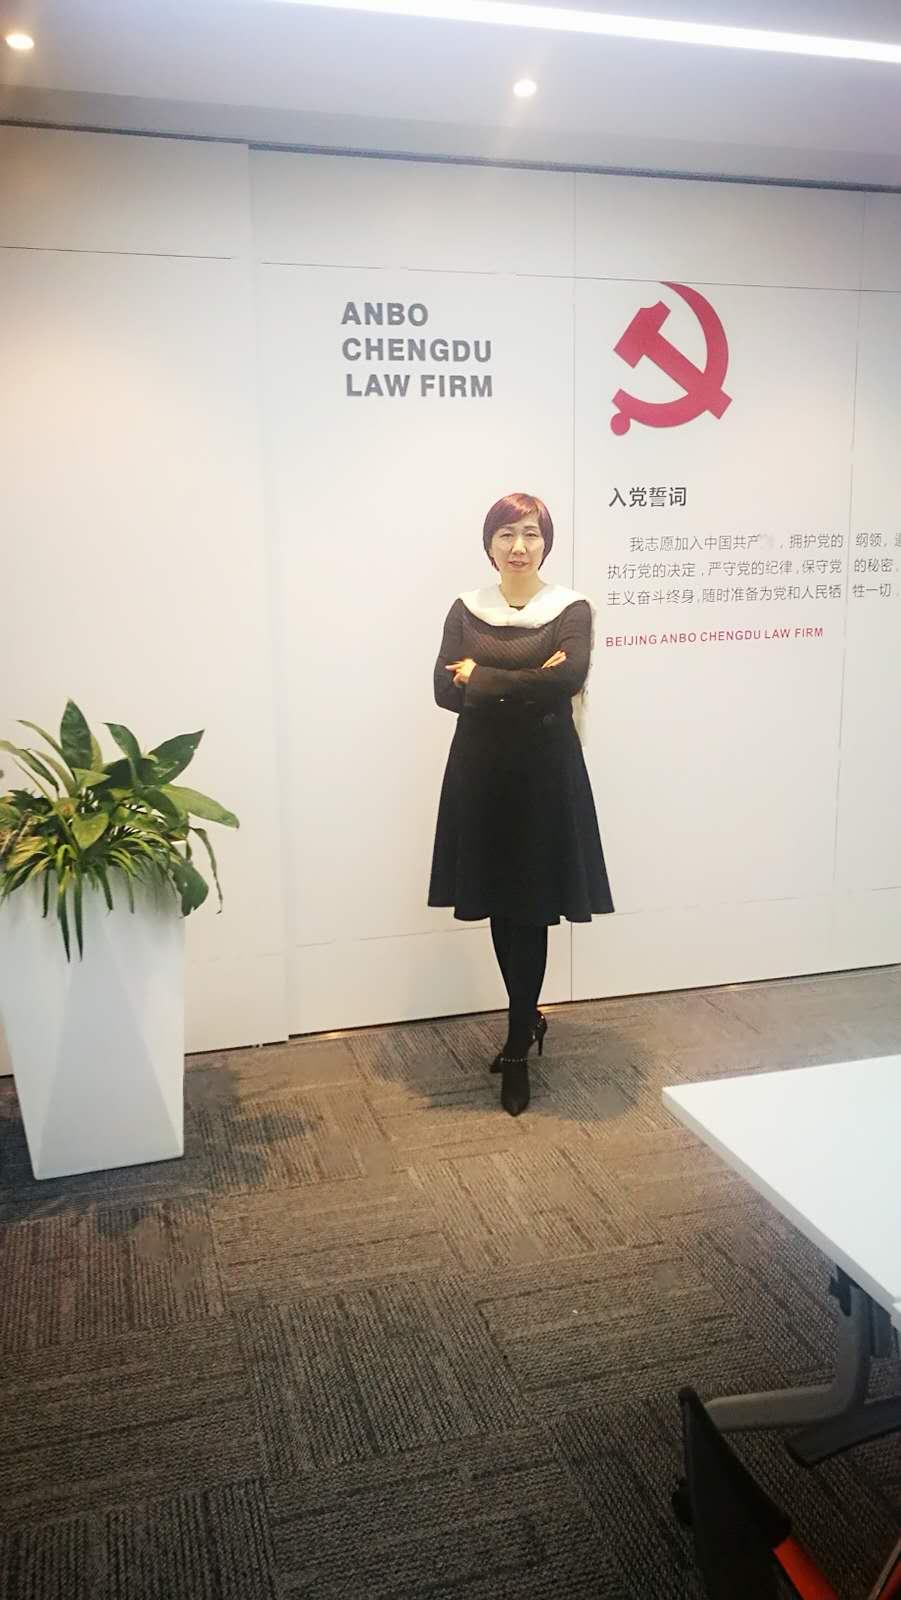 强化律师自律,强化思想政治意识,